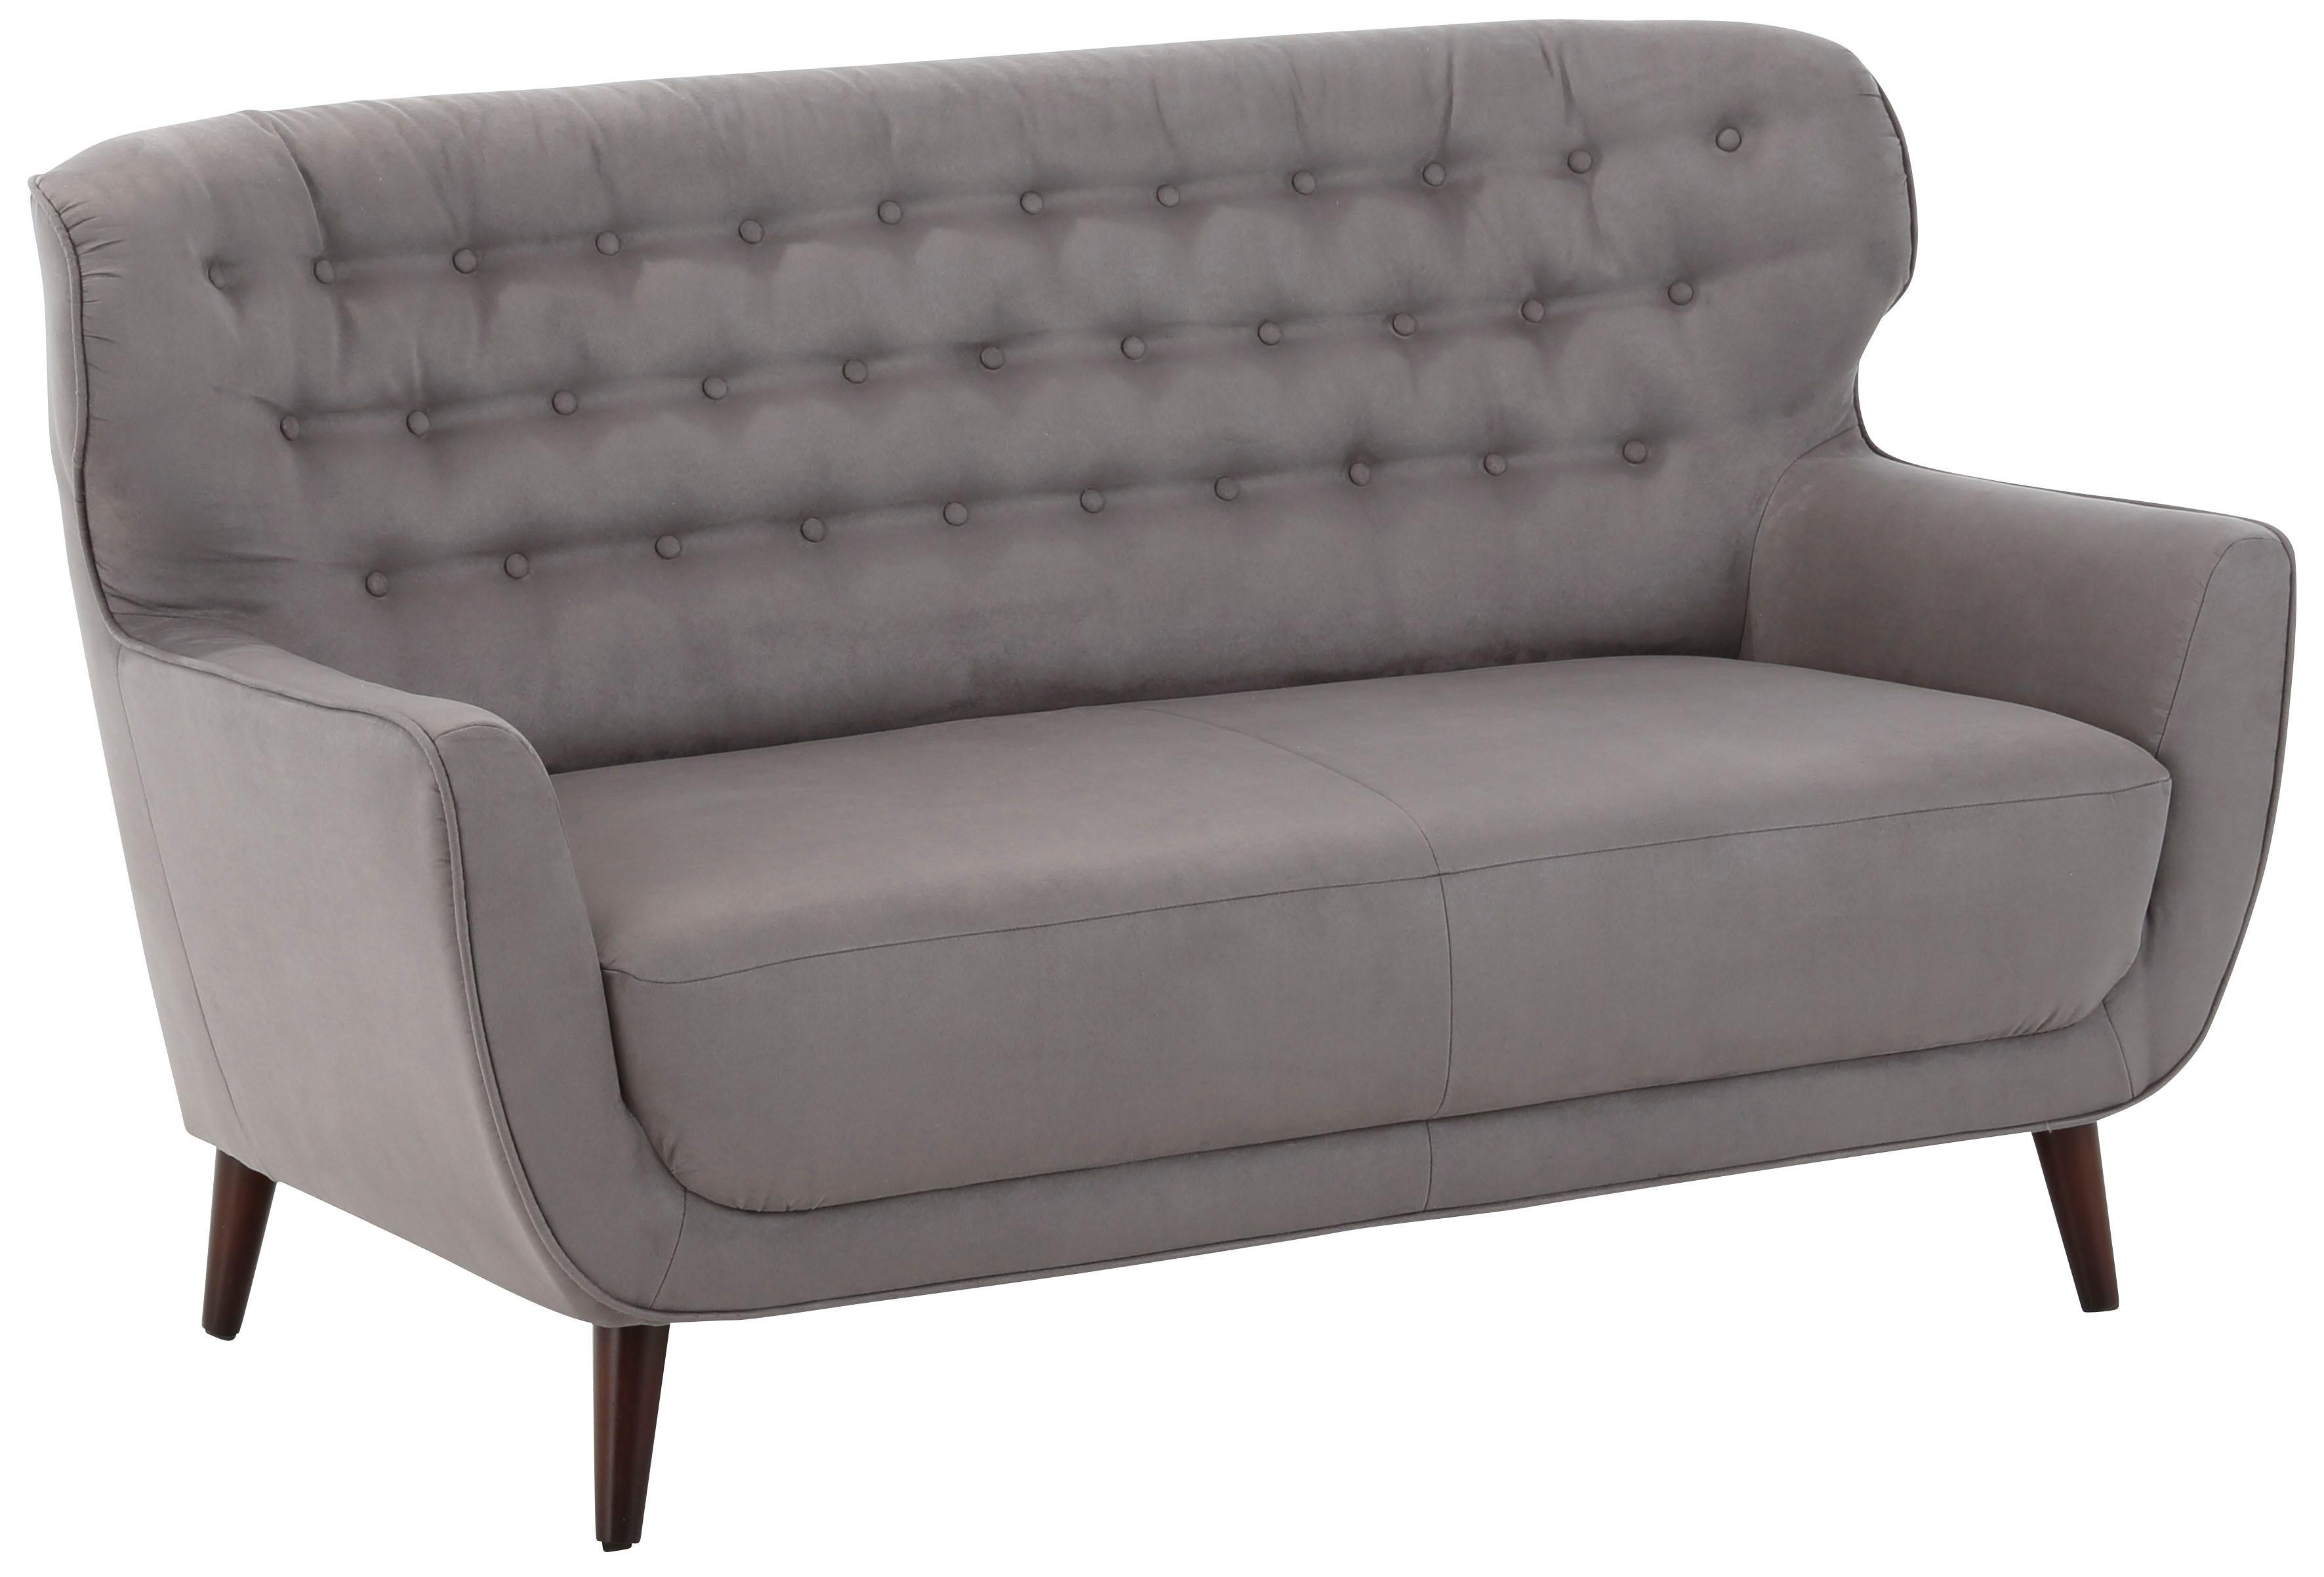 Home affaire 2-Sitzer Aberdeen mit Knopf-Heftung im Rücken im Retro-Design